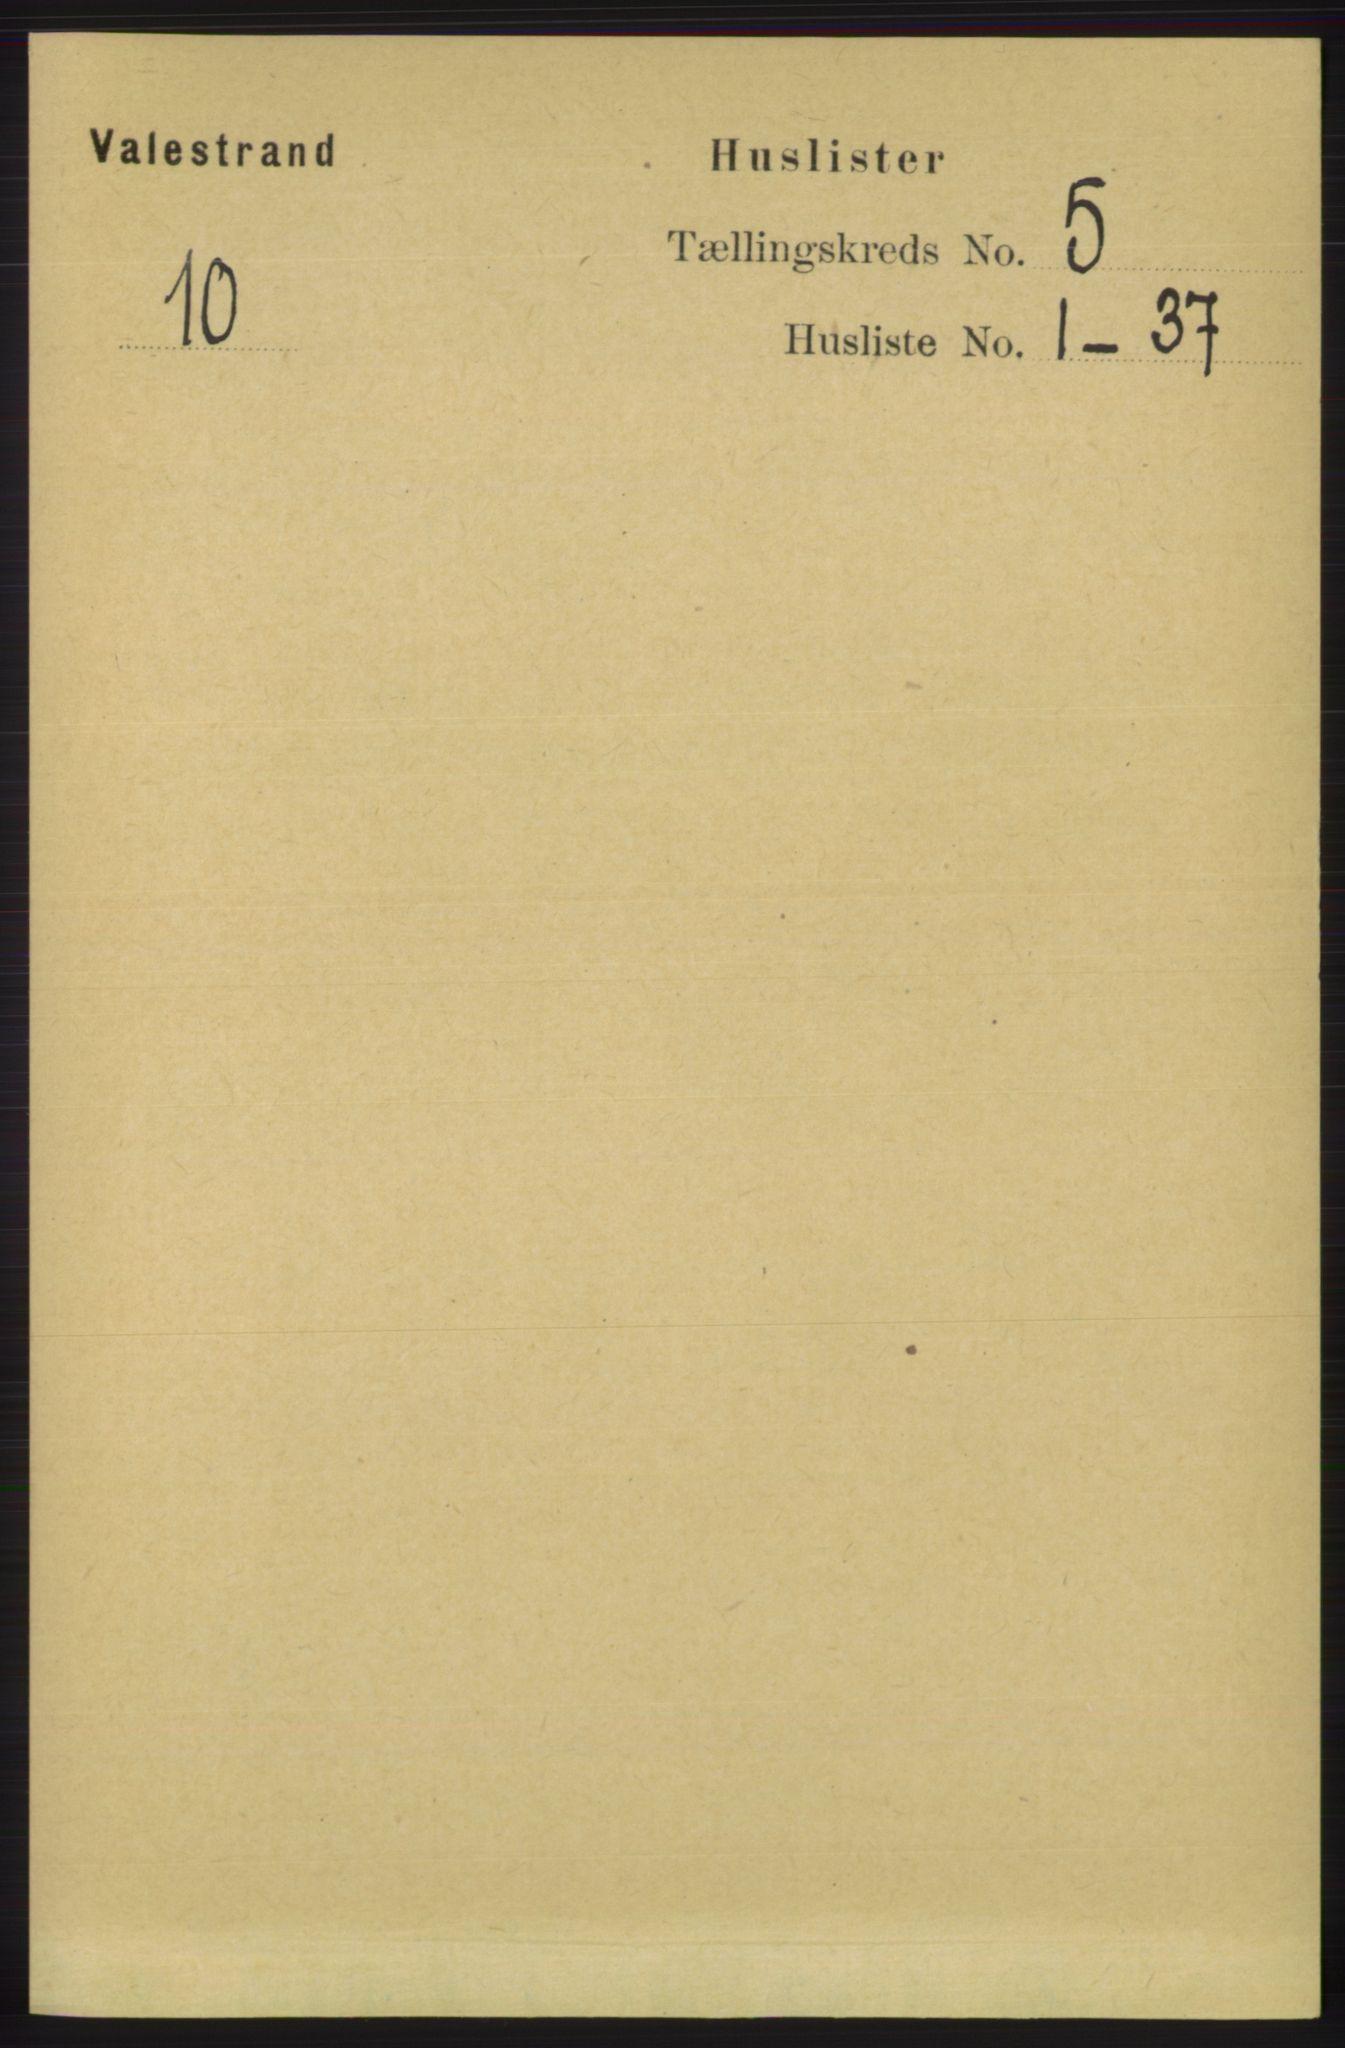 RA, Folketelling 1891 for 1217 Valestrand herred, 1891, s. 1088